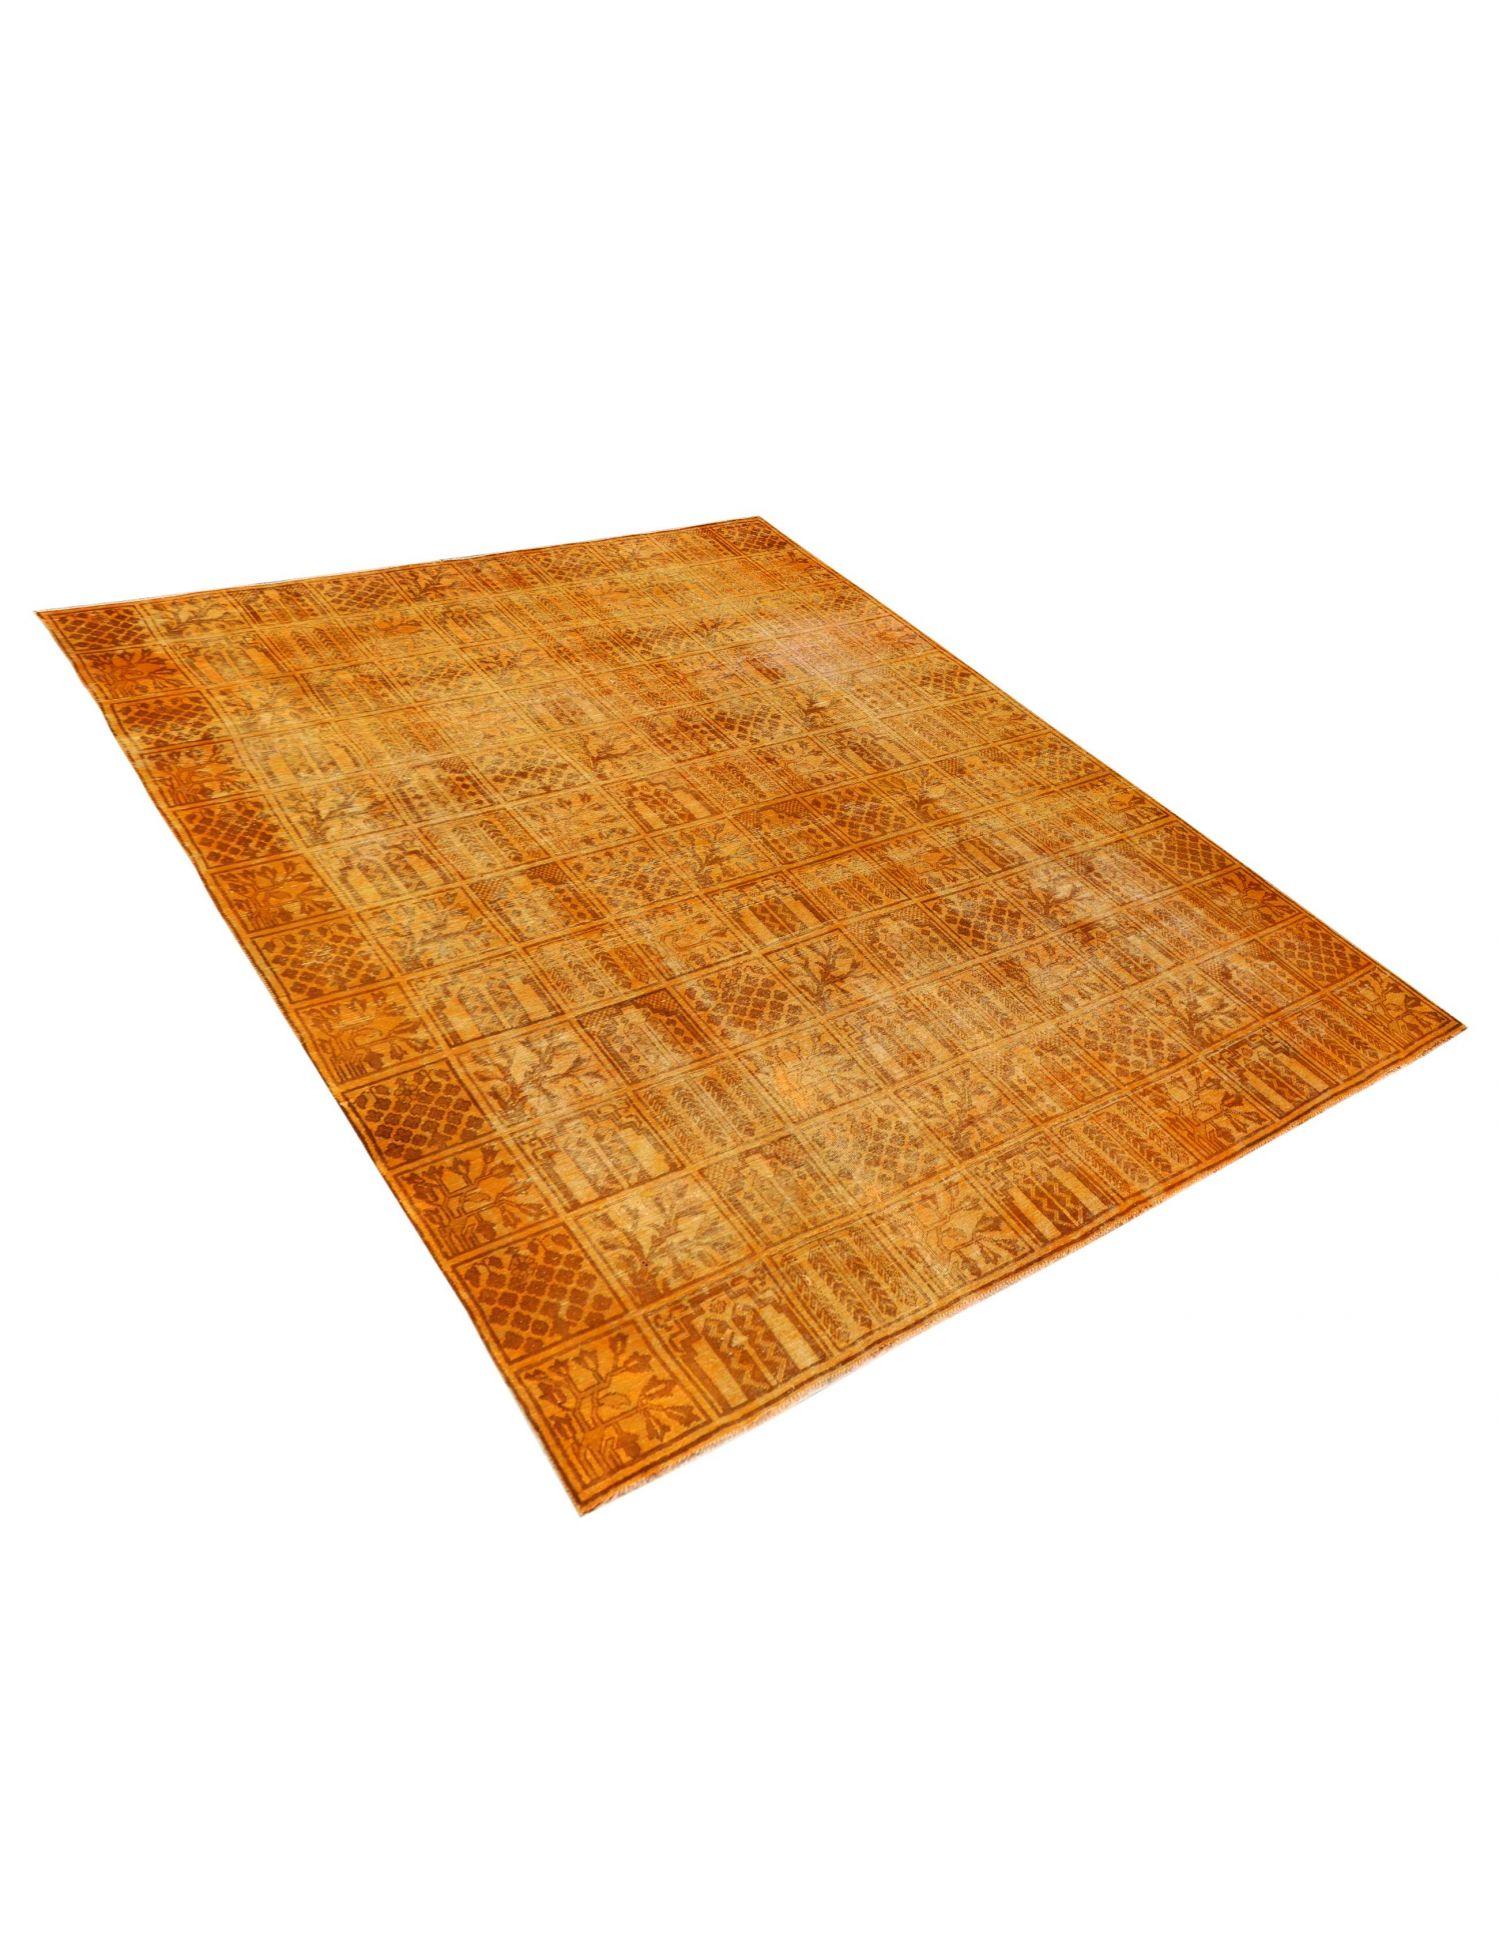 Persischer Vintage Teppich  orange <br/>355 x 270 cm